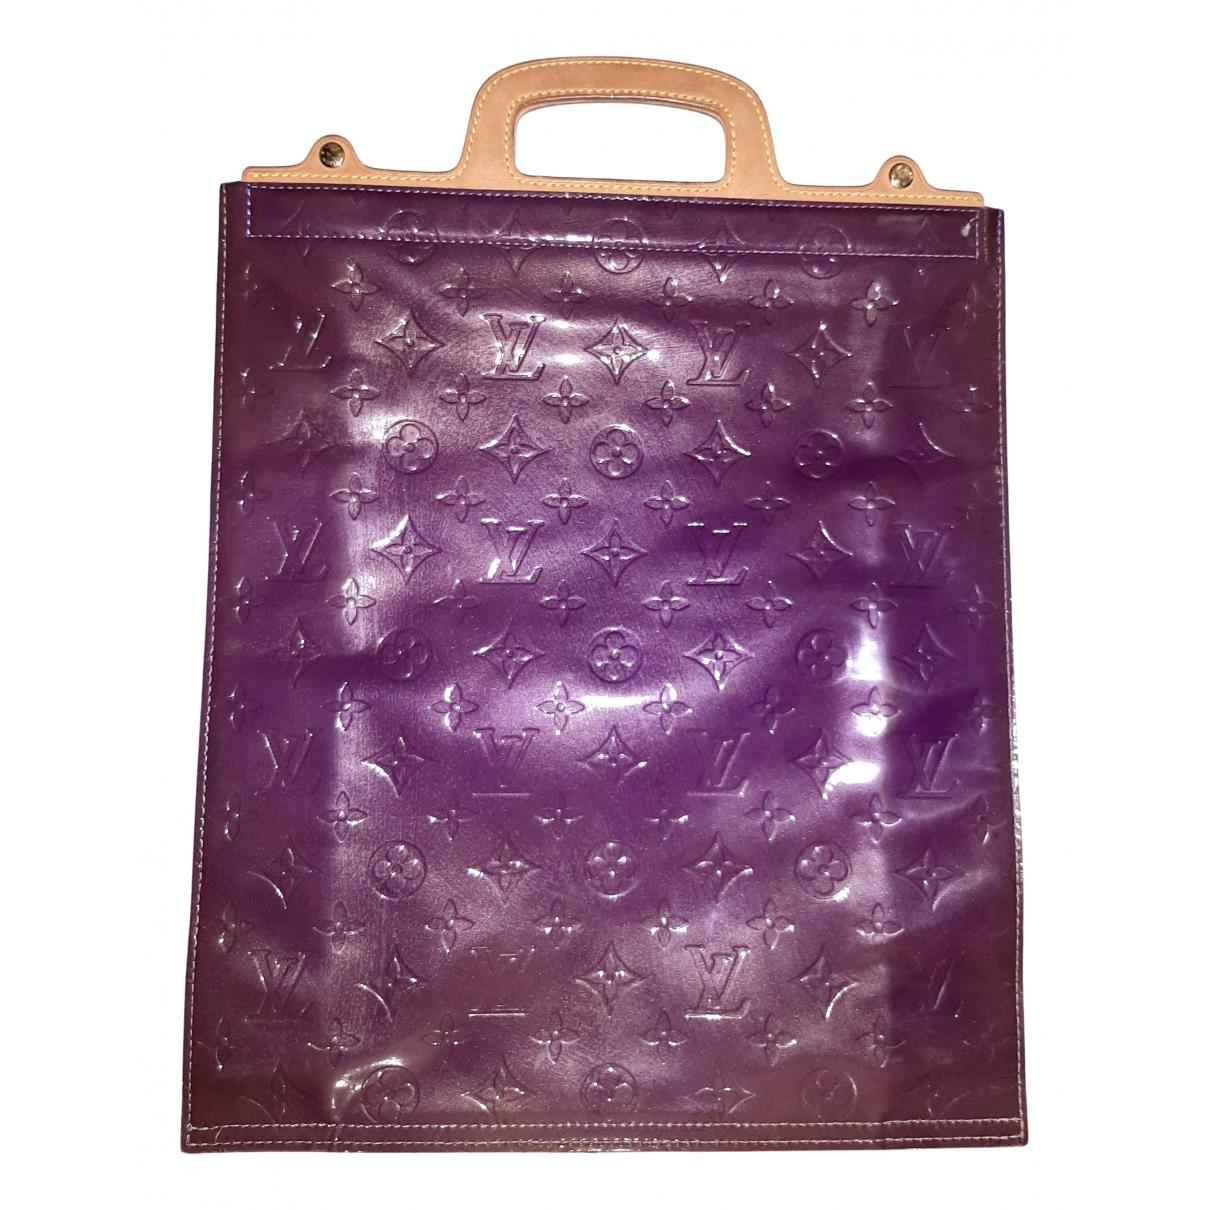 Louis Vuitton Plat Purple Patent leather handbag for Women N